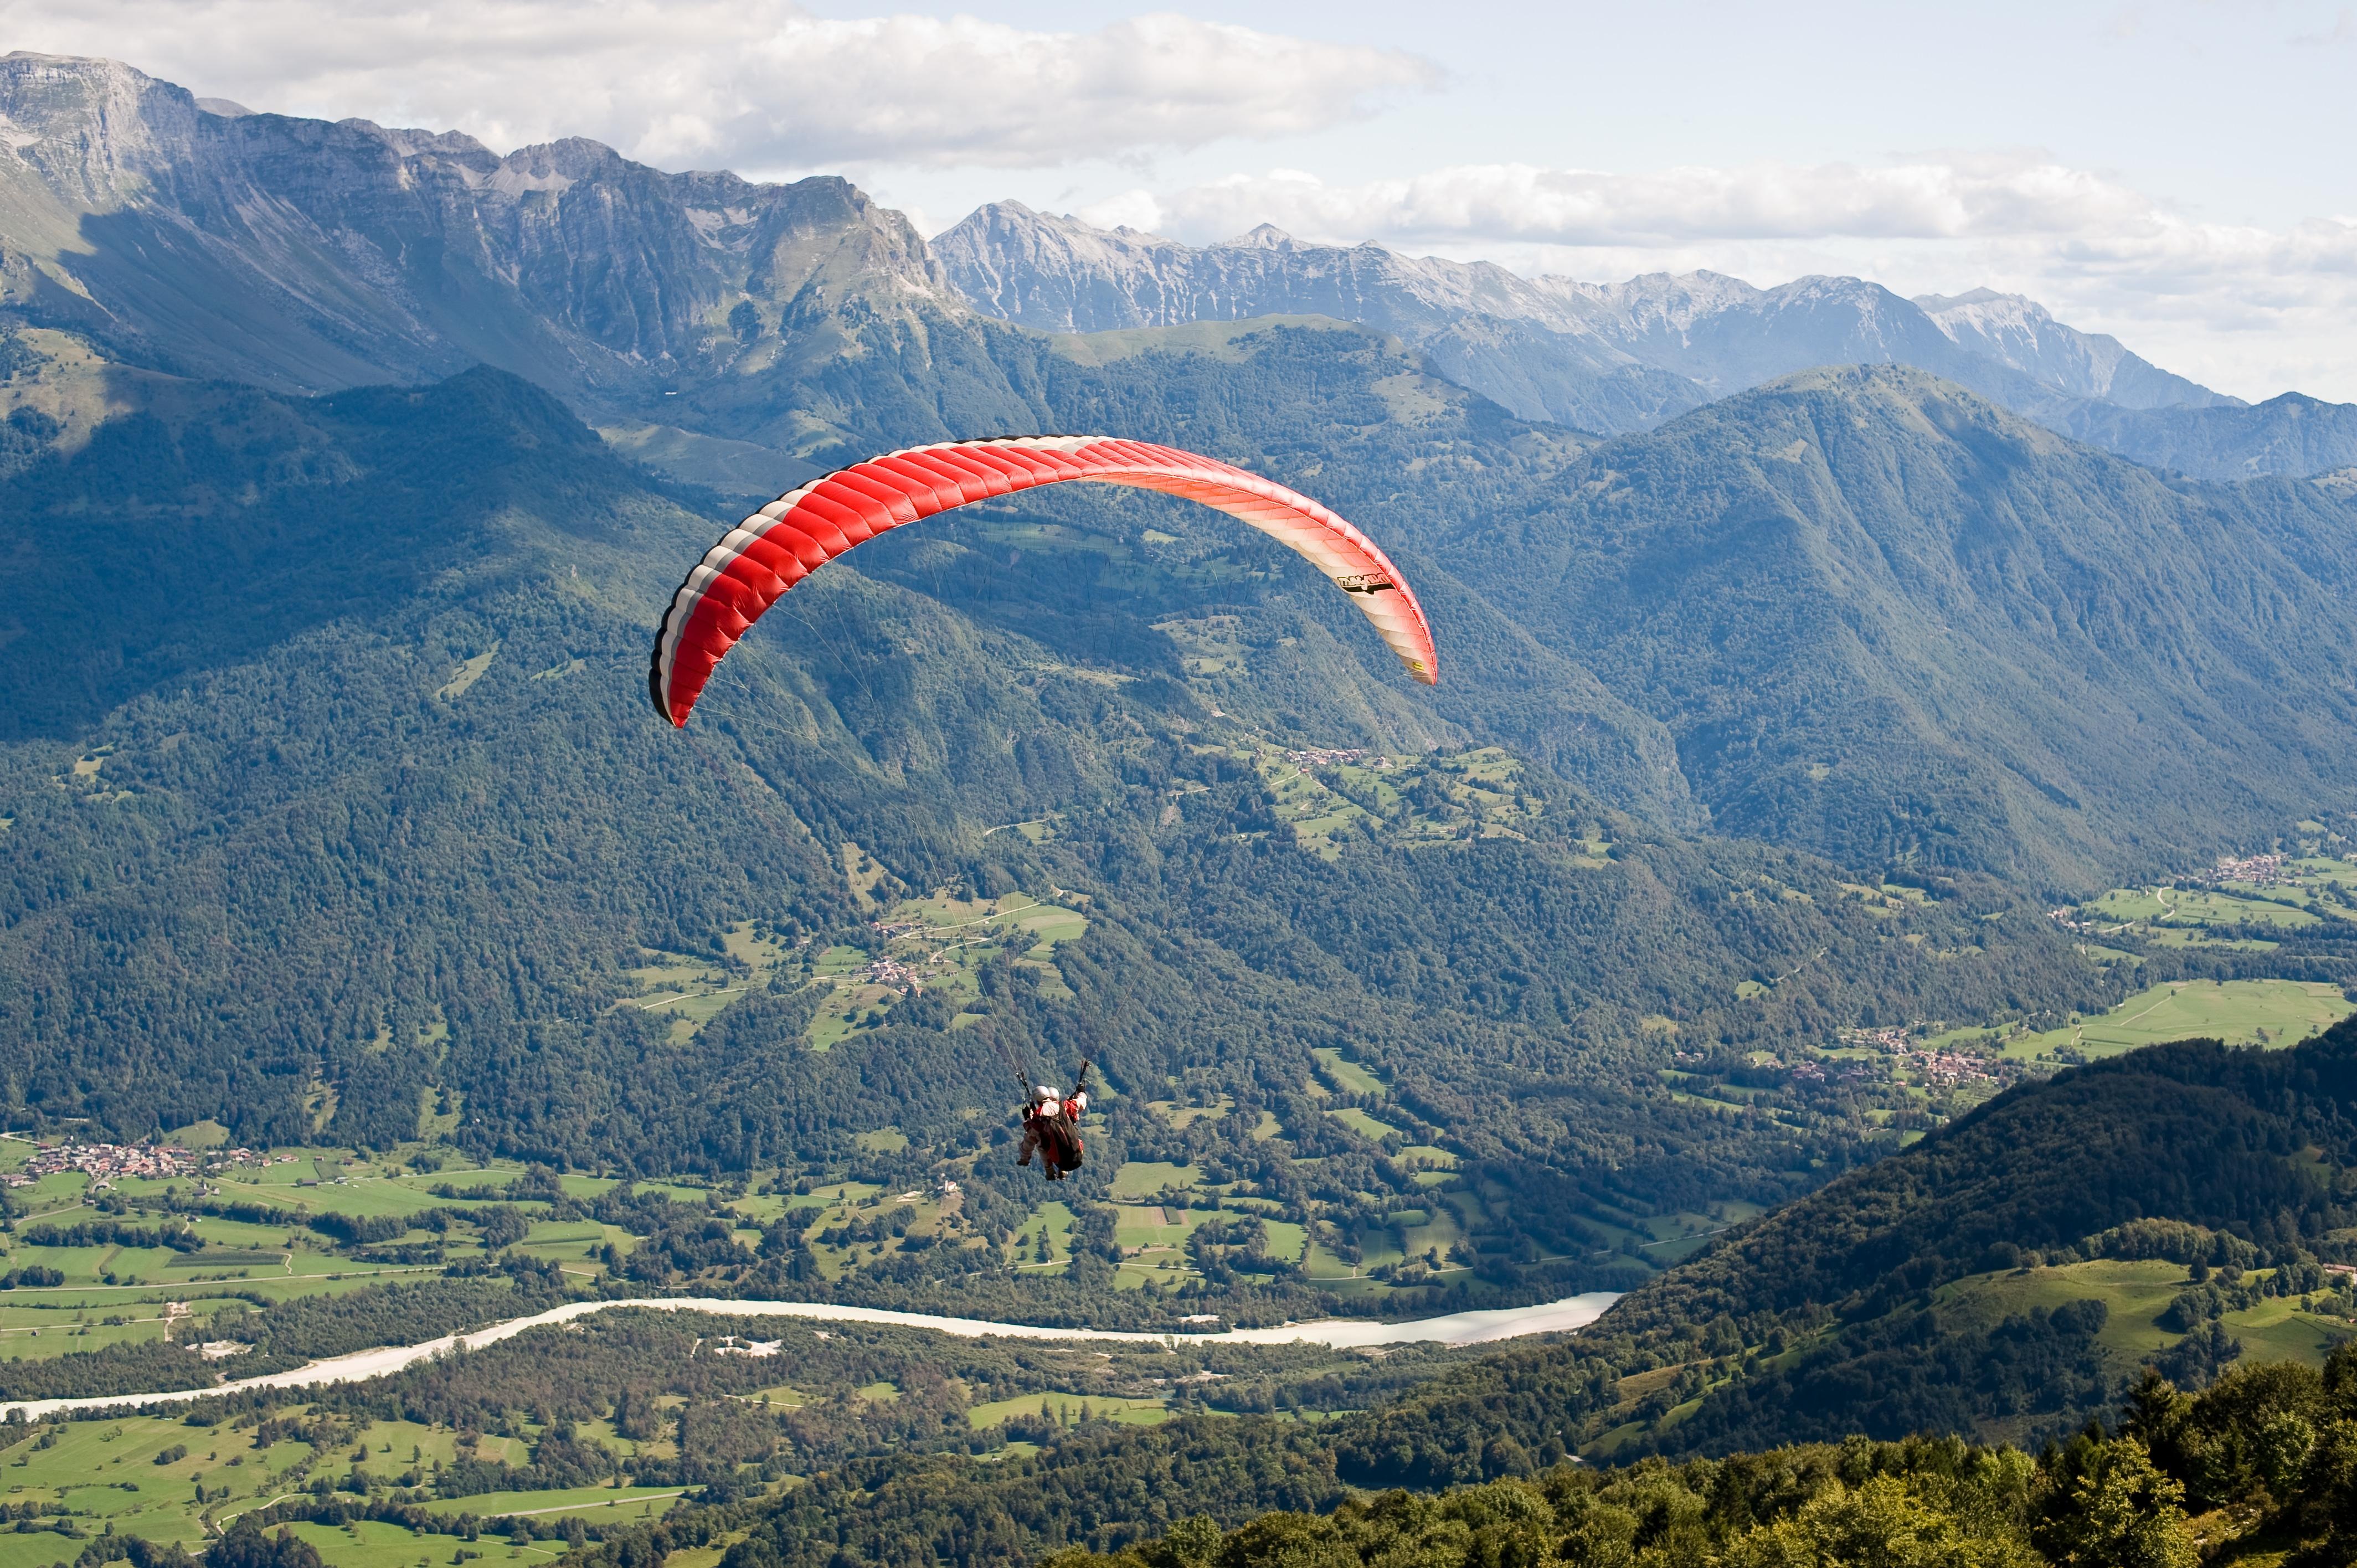 paragliding tandem | X POINT d.o.o. – Sports tourism